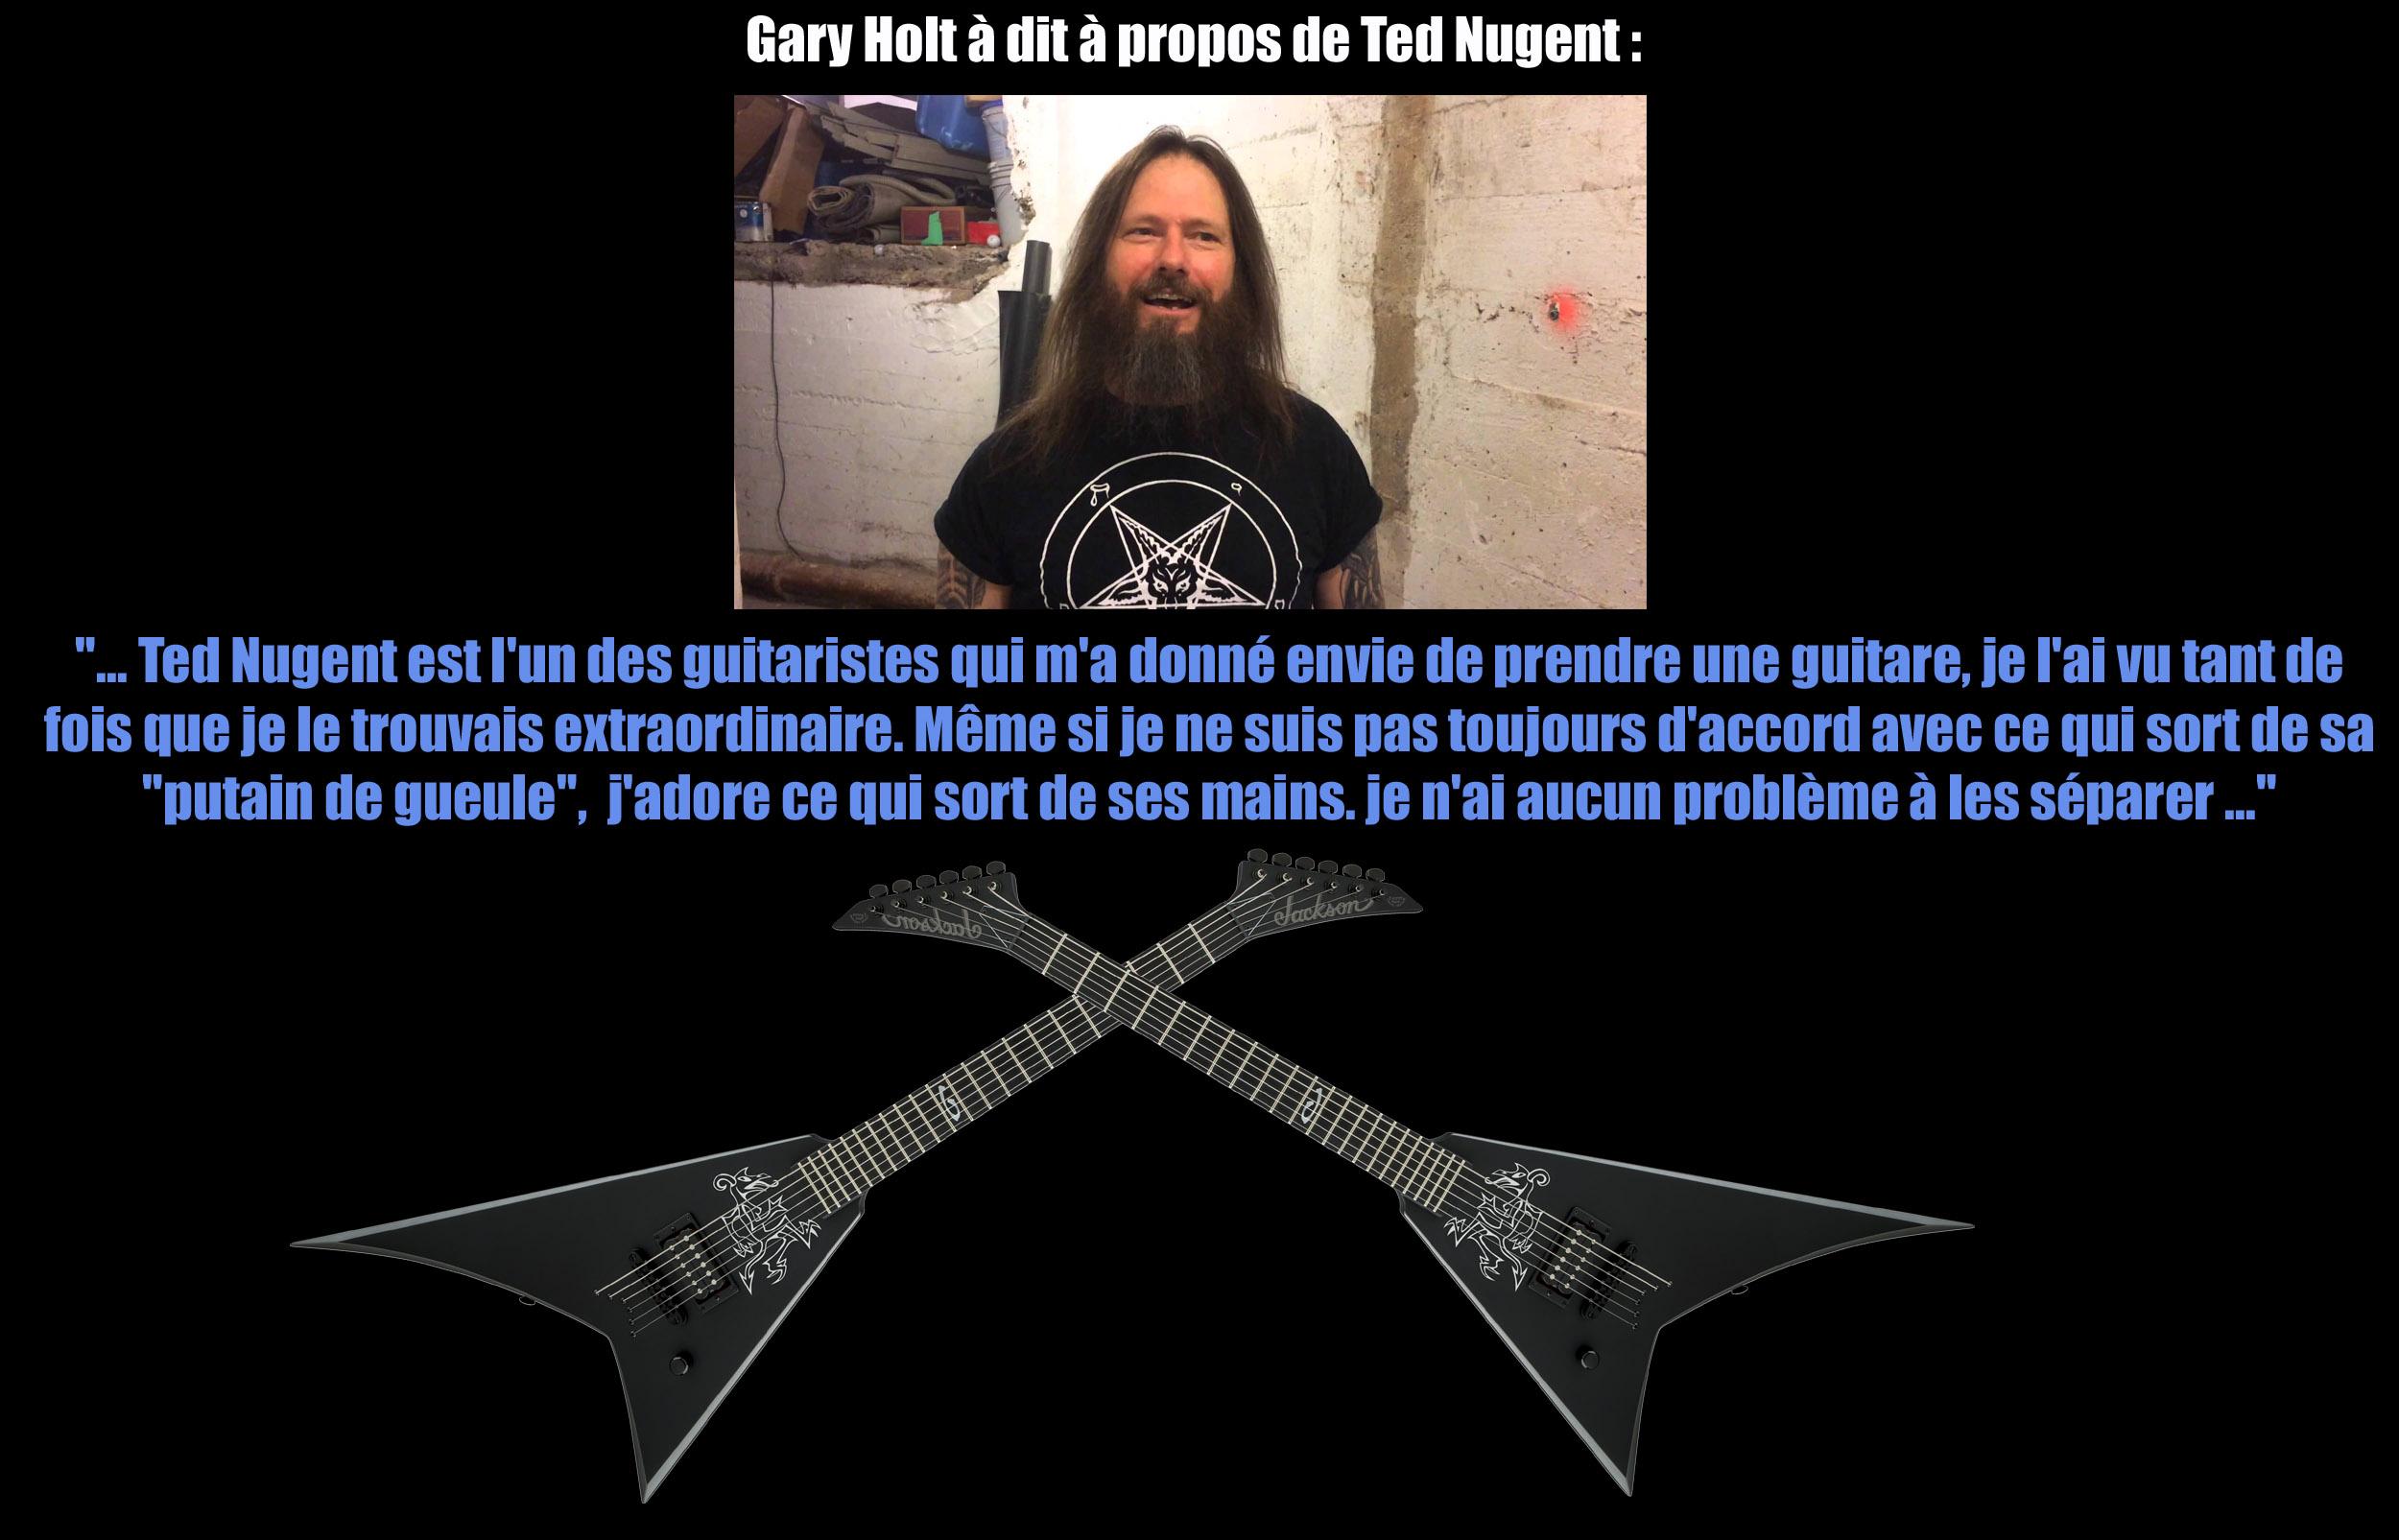 GARY HOLT a dit ... à propos de Ted Nugent. Sans_107